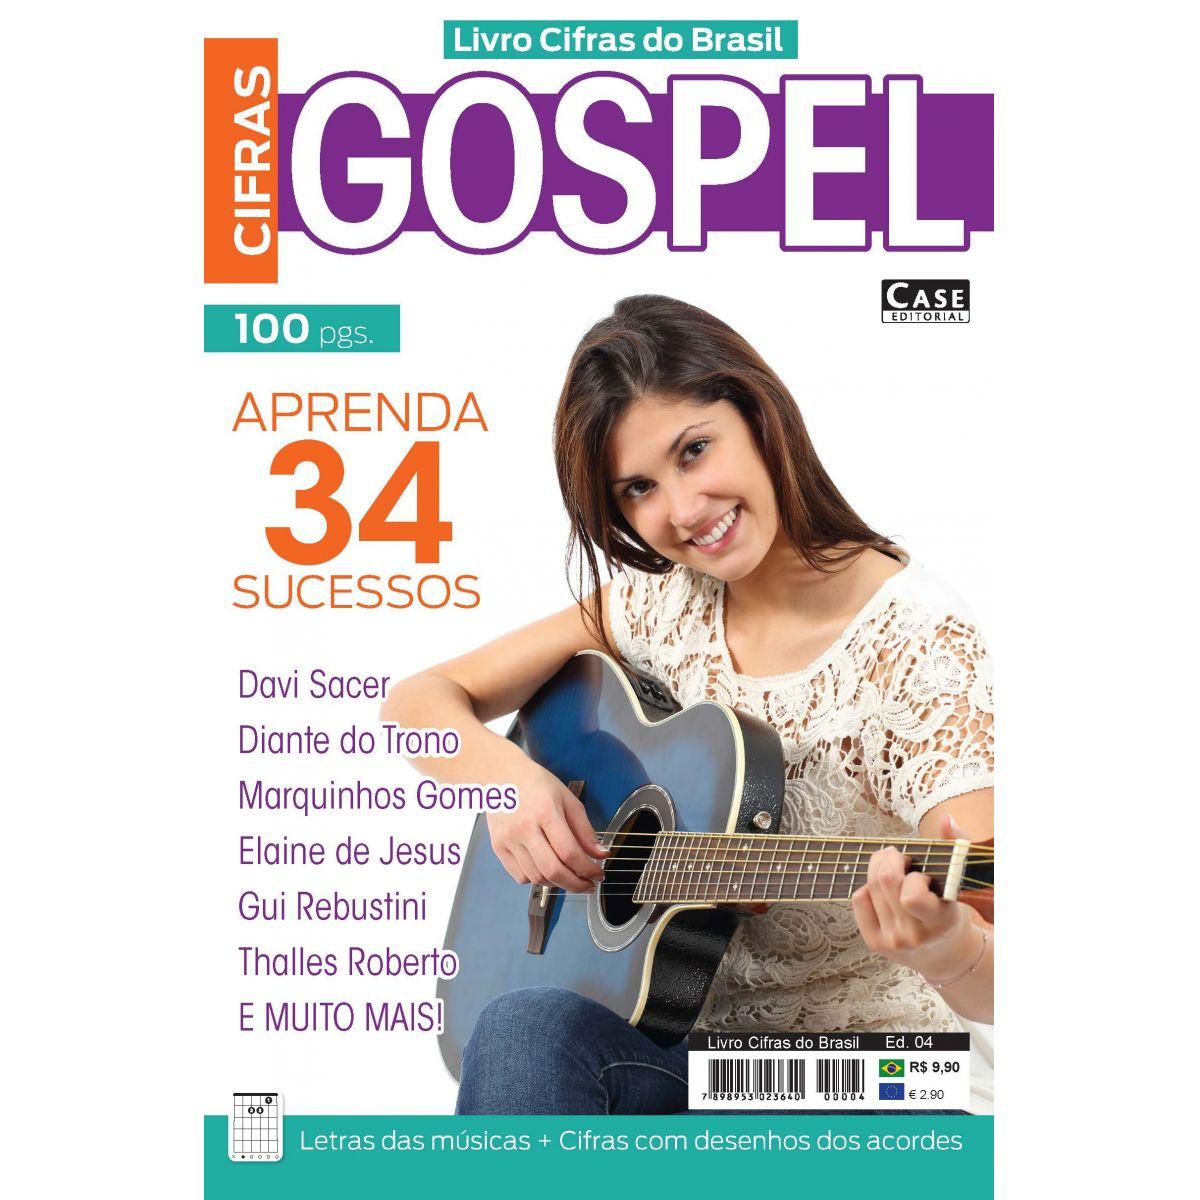 Livro Cifras do Brasil - Edição 04